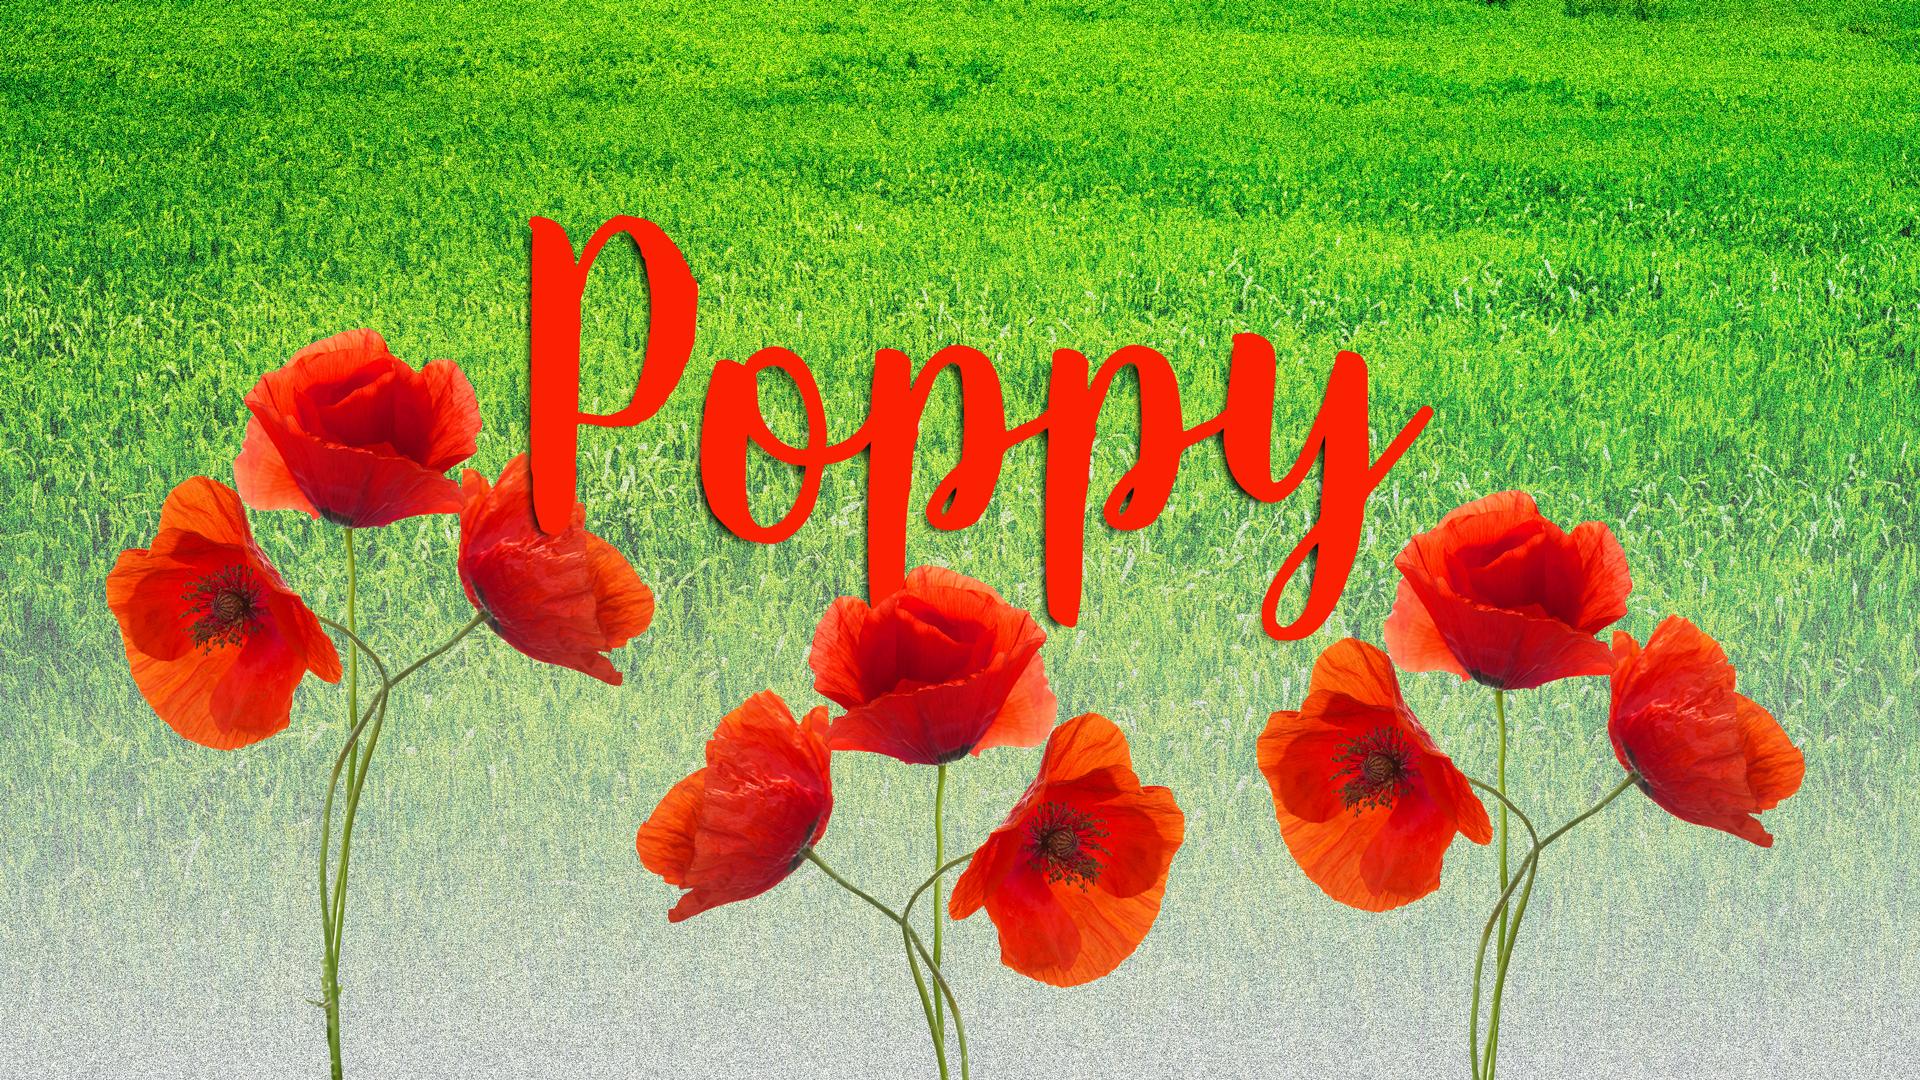 baby names 2020 Poppy